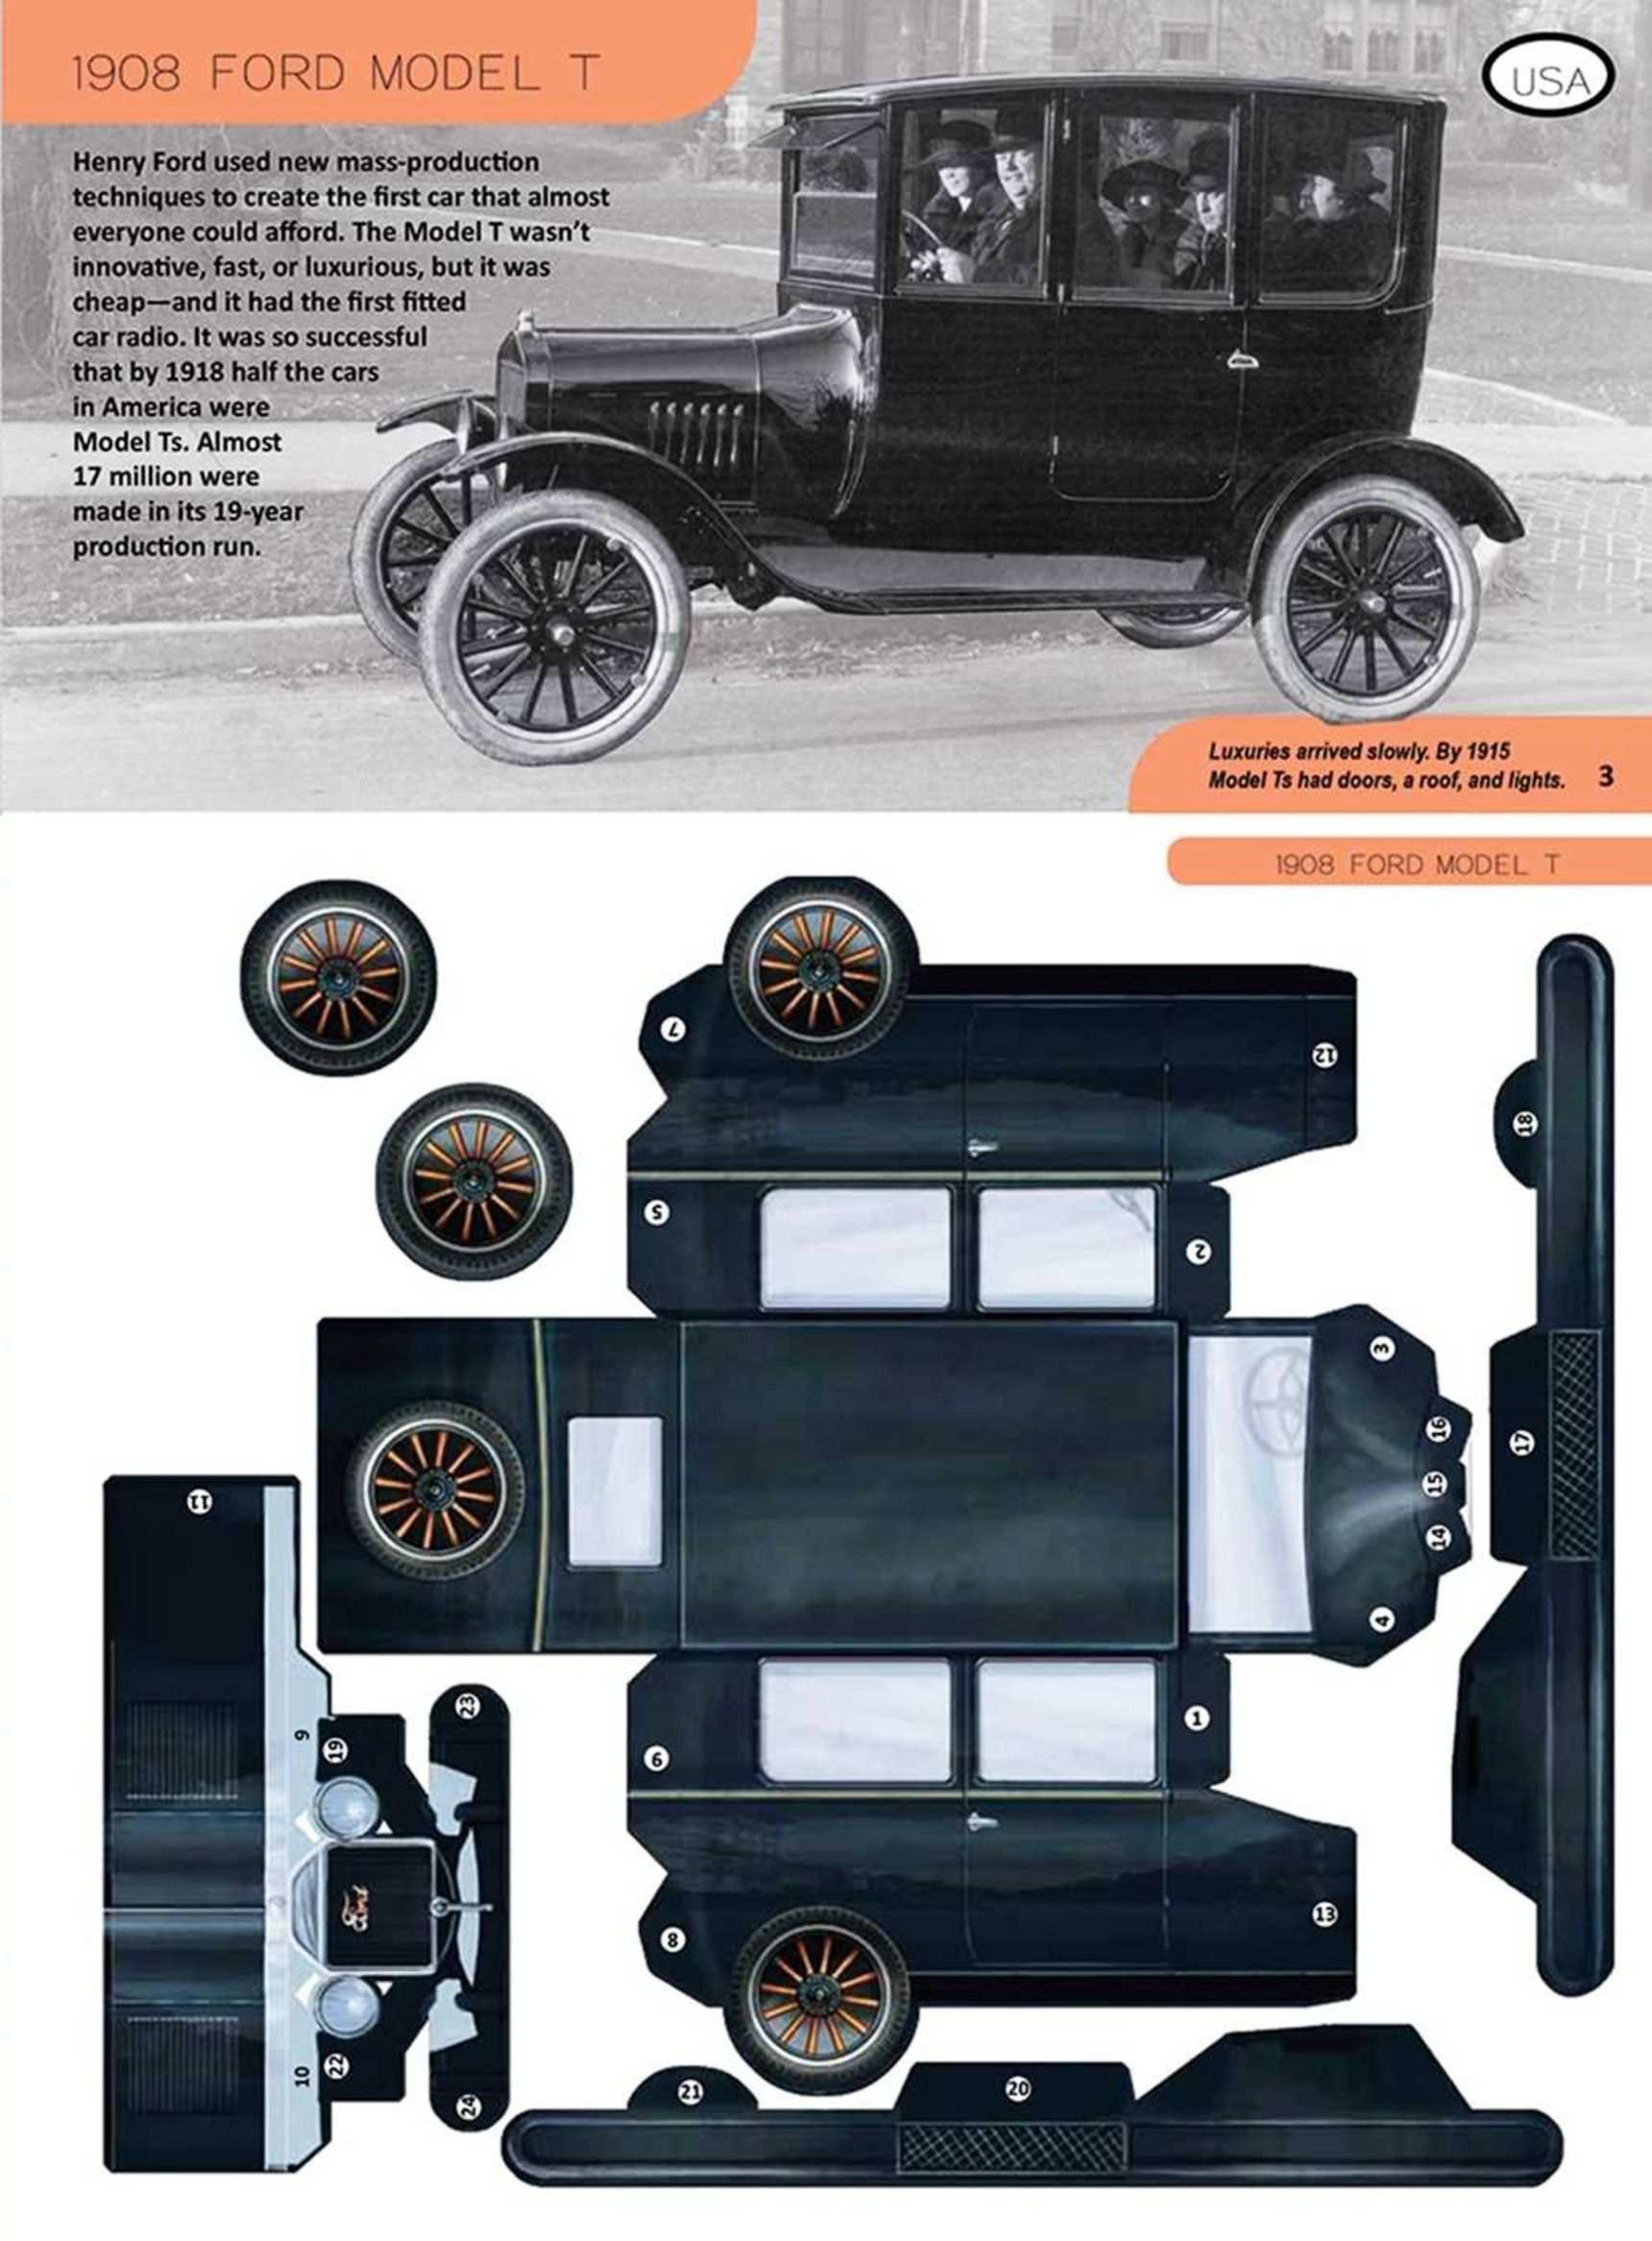 1908 Ford Model T Modelos De Papel Carro De Papelao Carrinhos